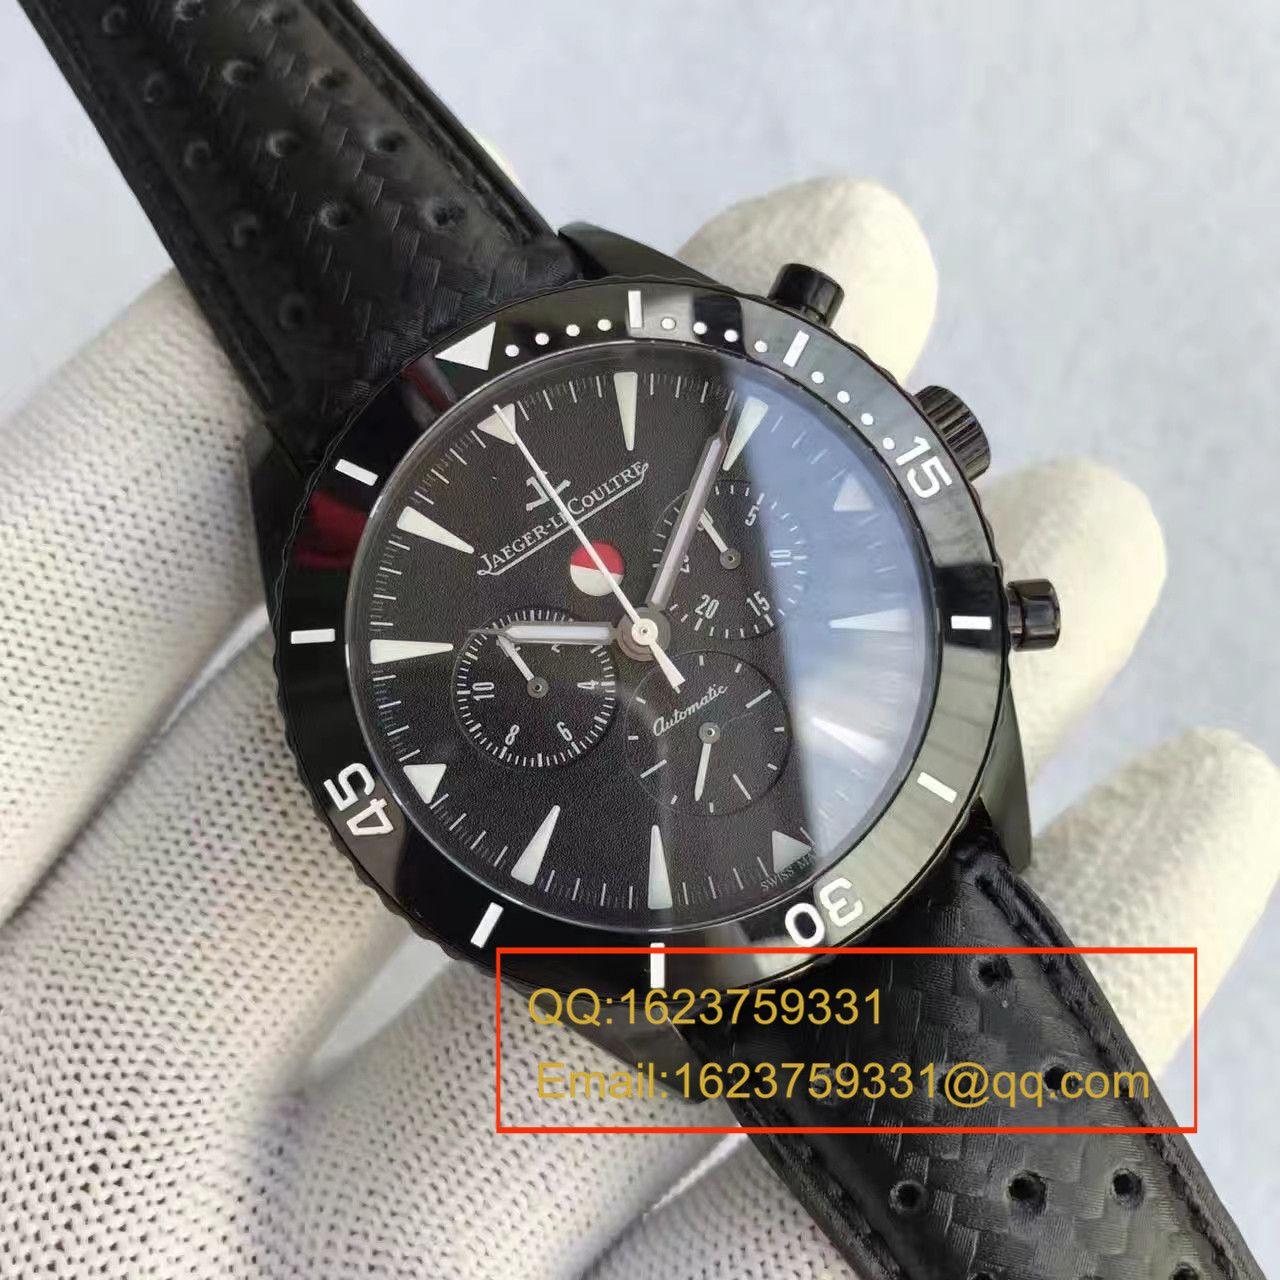 【台湾厂一比一超A精仿手表】积家极限运动大师深海传奇系列 2068570腕表